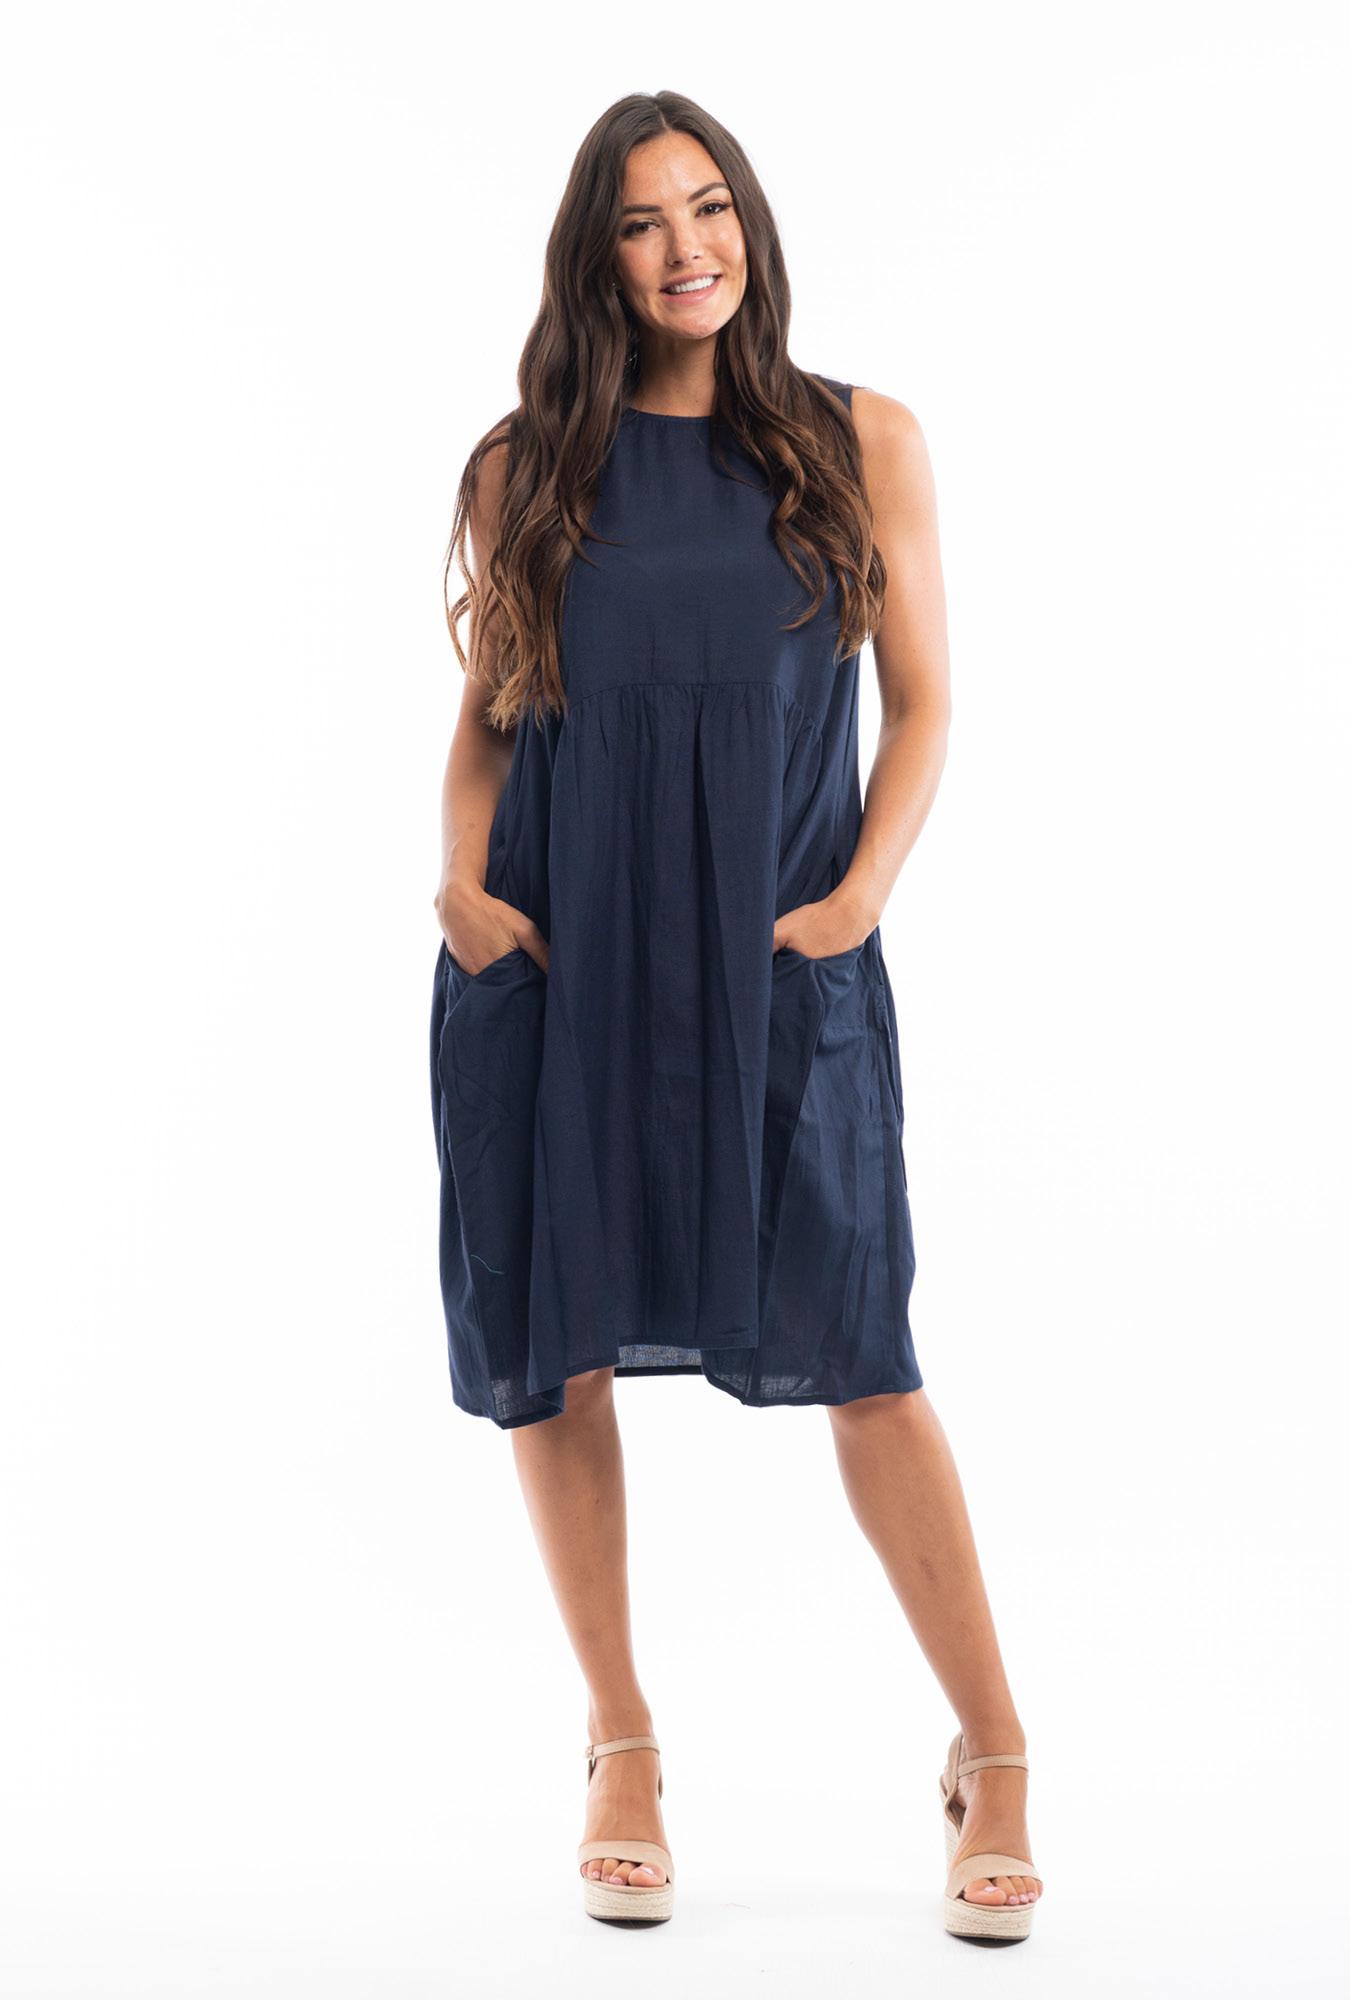 Tanee Bubble dress in Navy